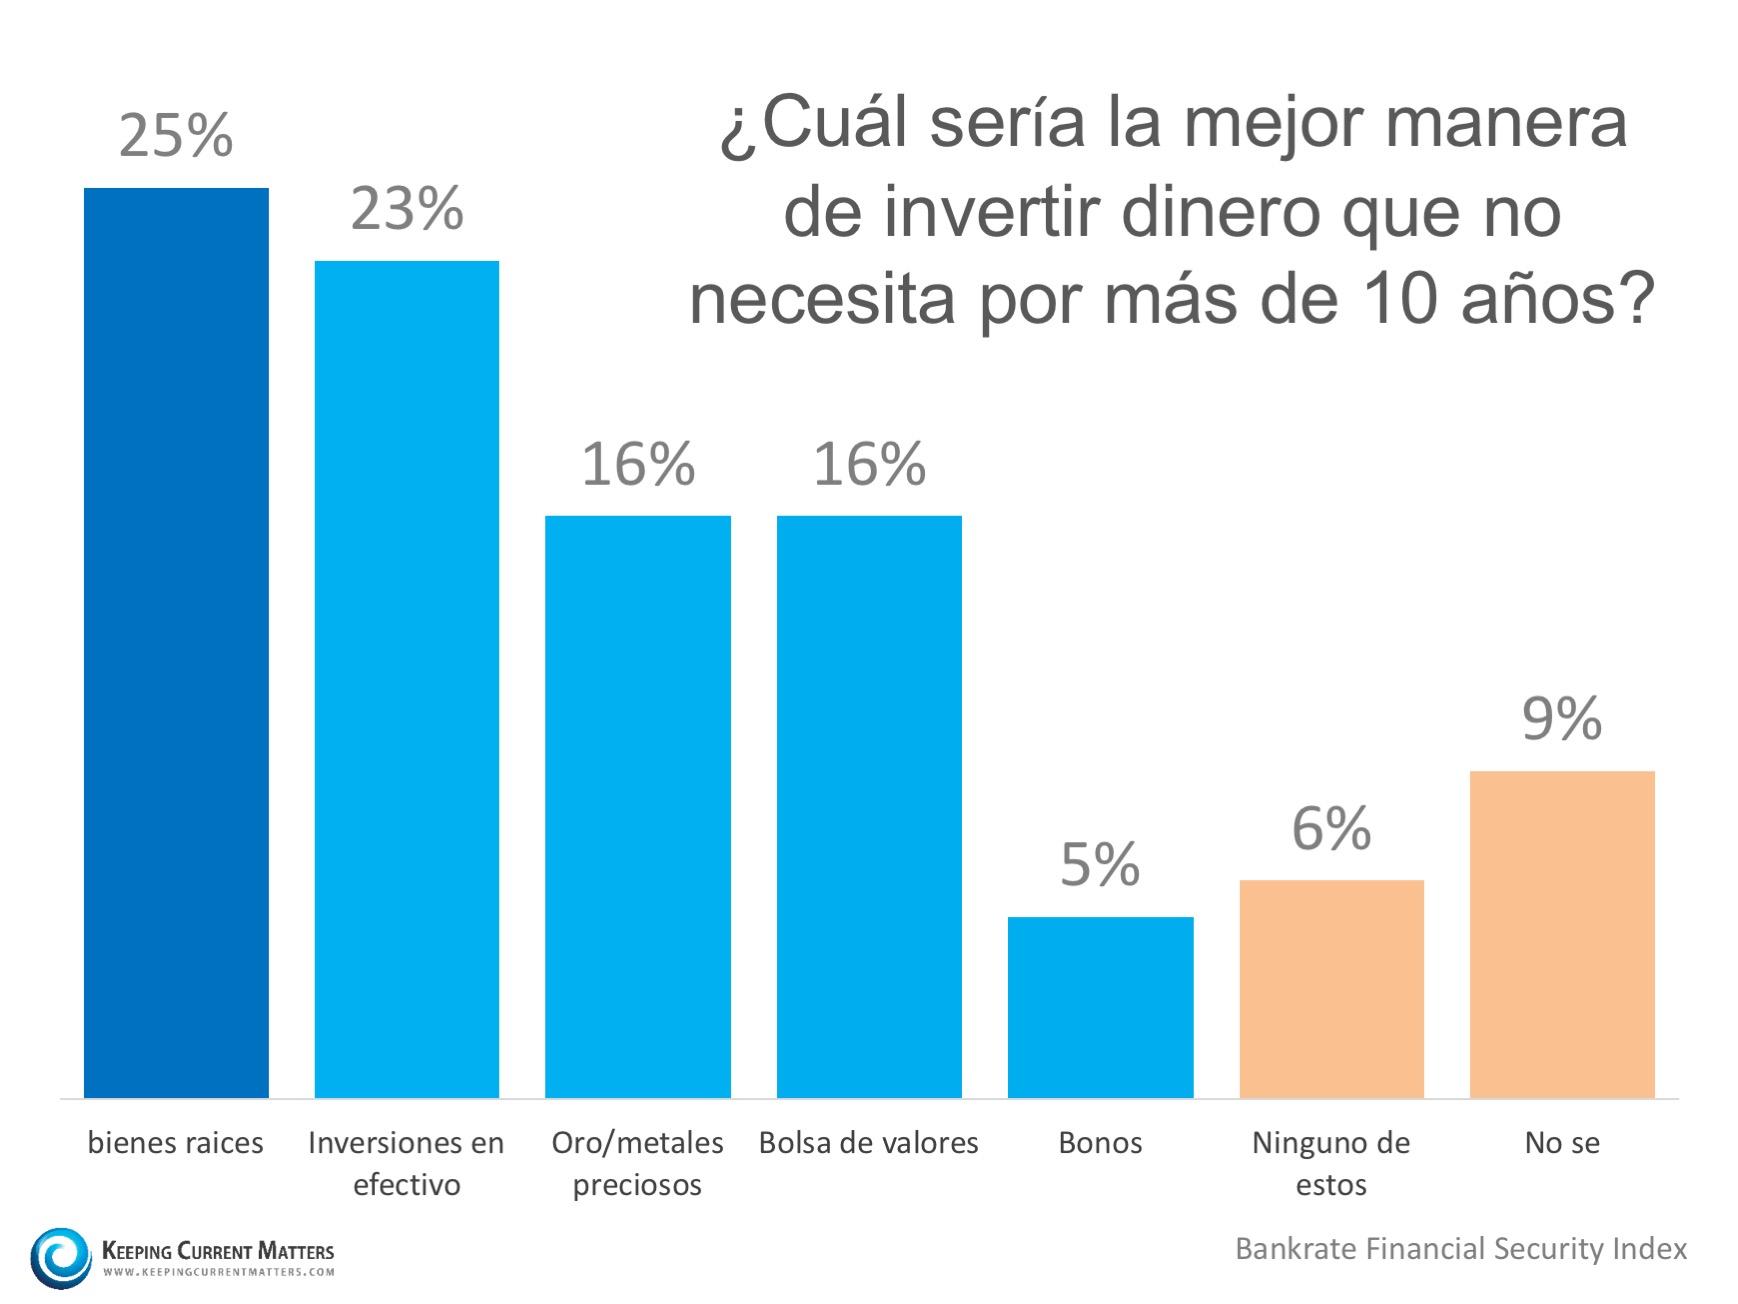 Los estadounidenses creen que bienes raíces es la mejor inversión a largo plazo | Keeping Current Matters